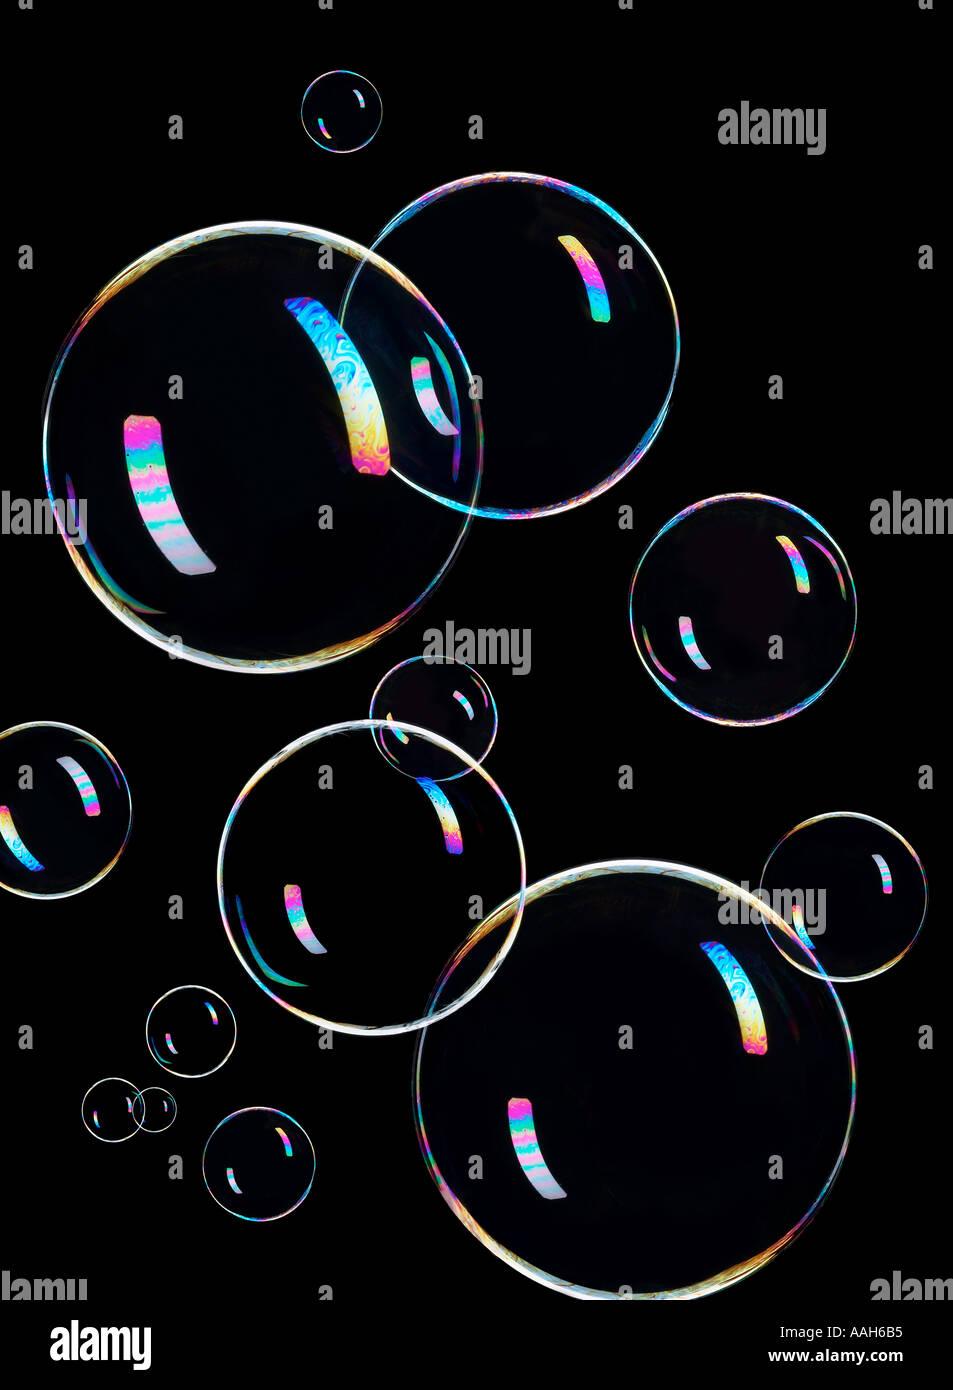 Flottante delle bolle di sapone con sfondo nero in Studio Immagini Stock